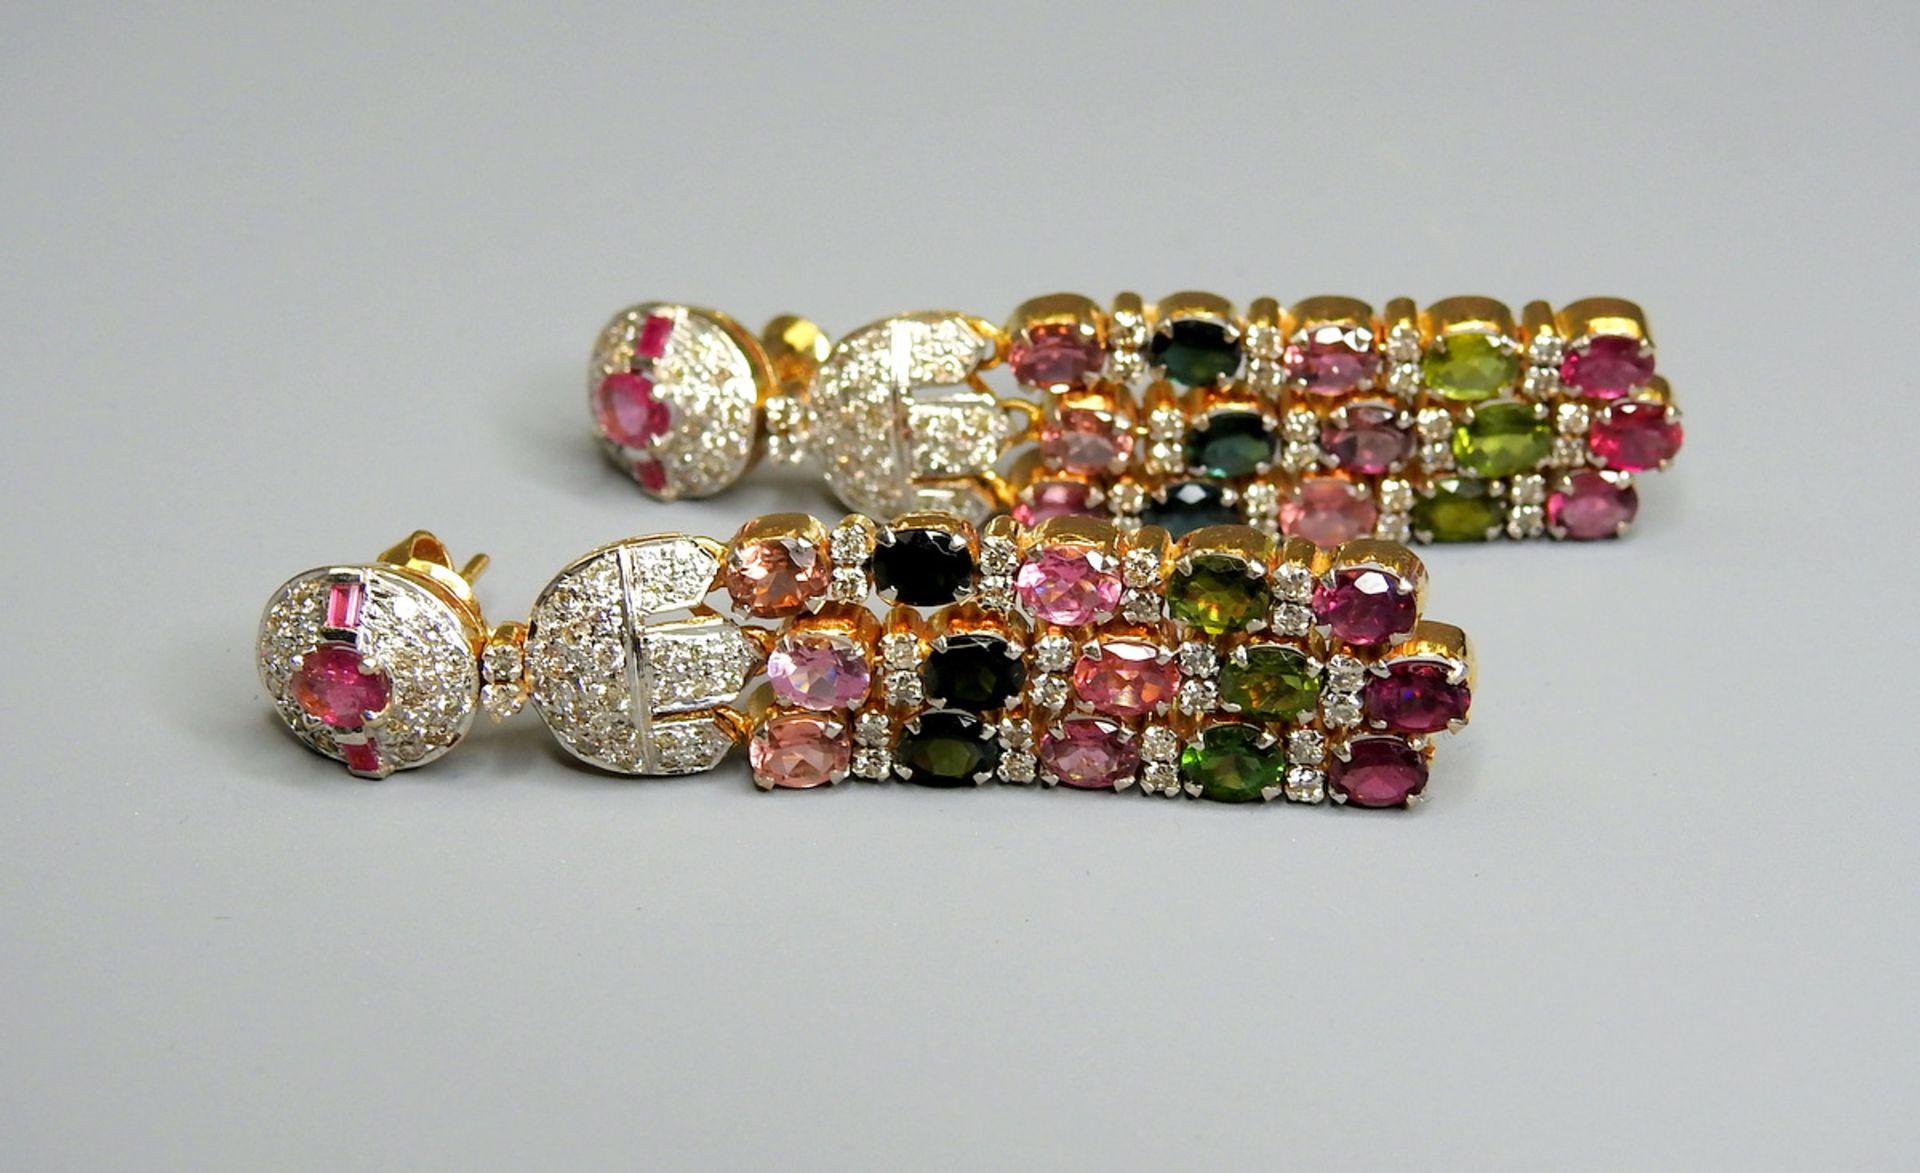 Paar Prunkohrhänger mit Diamant- und Farbsteinbesatz18 K. Gelbgold. Diamantbesatz, da